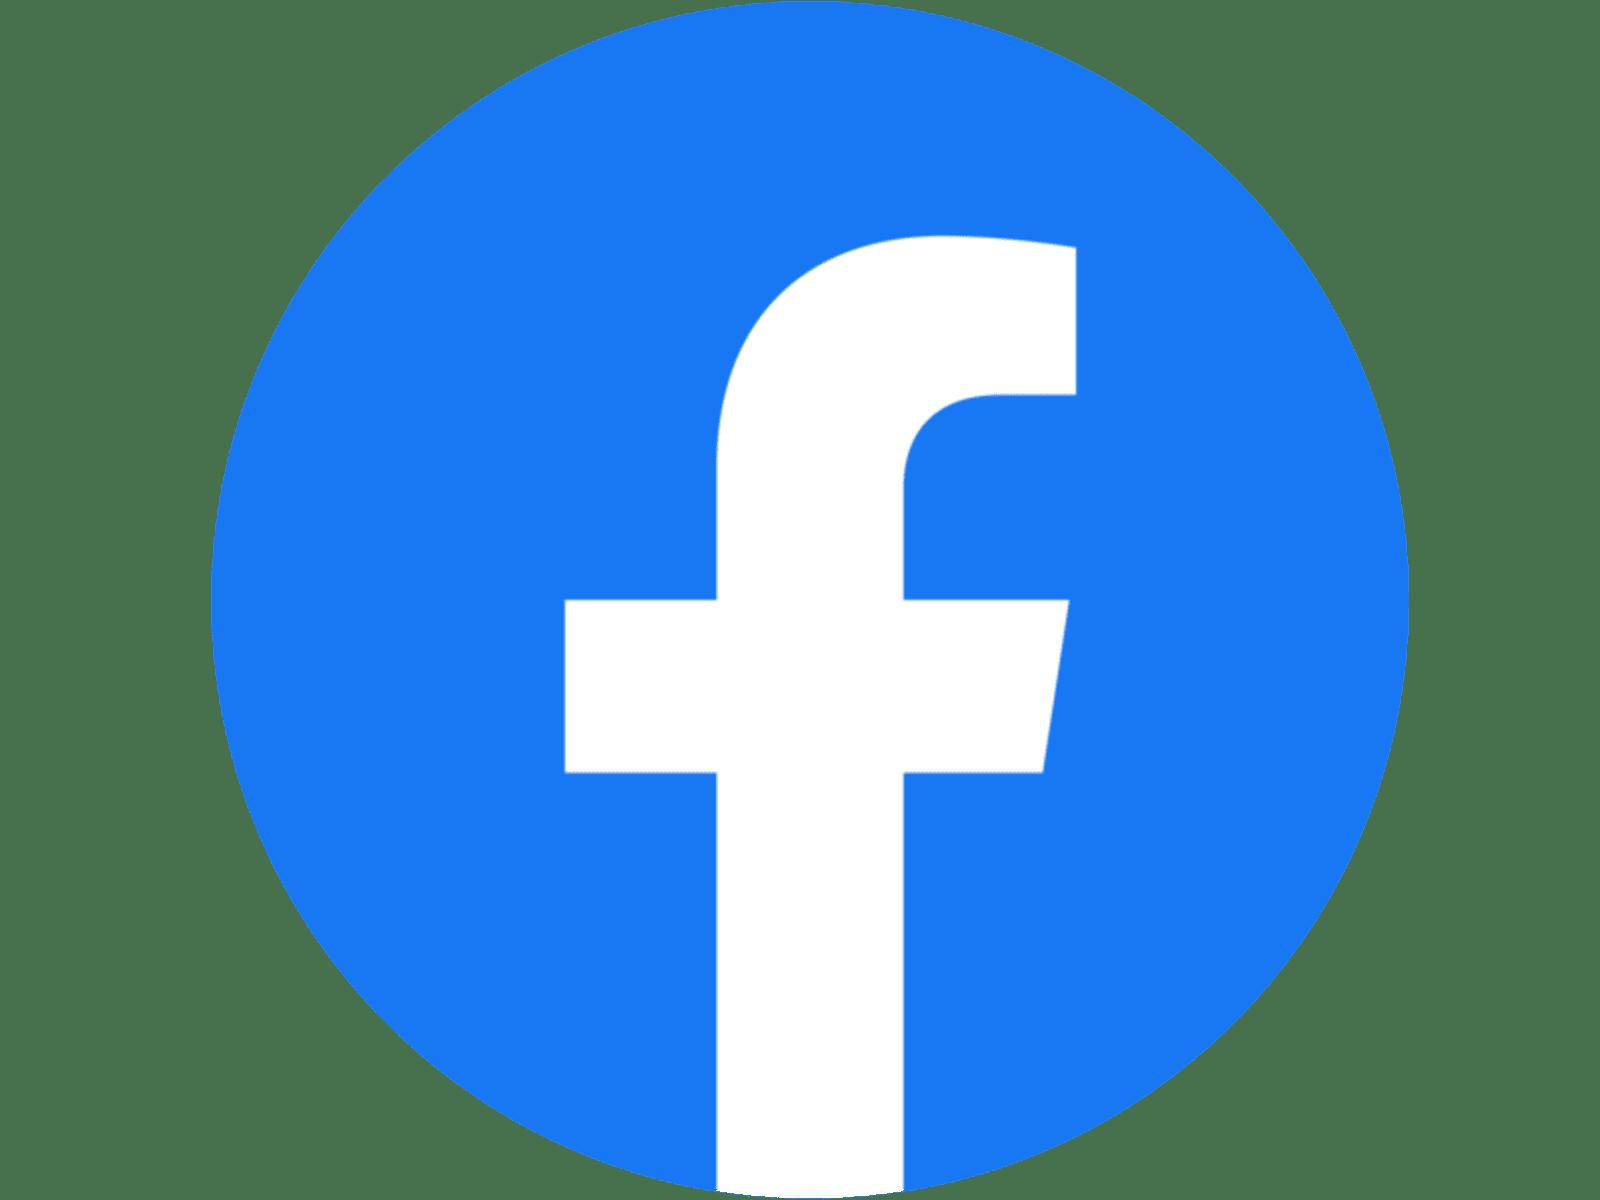 Logo des Facebook-Portals.